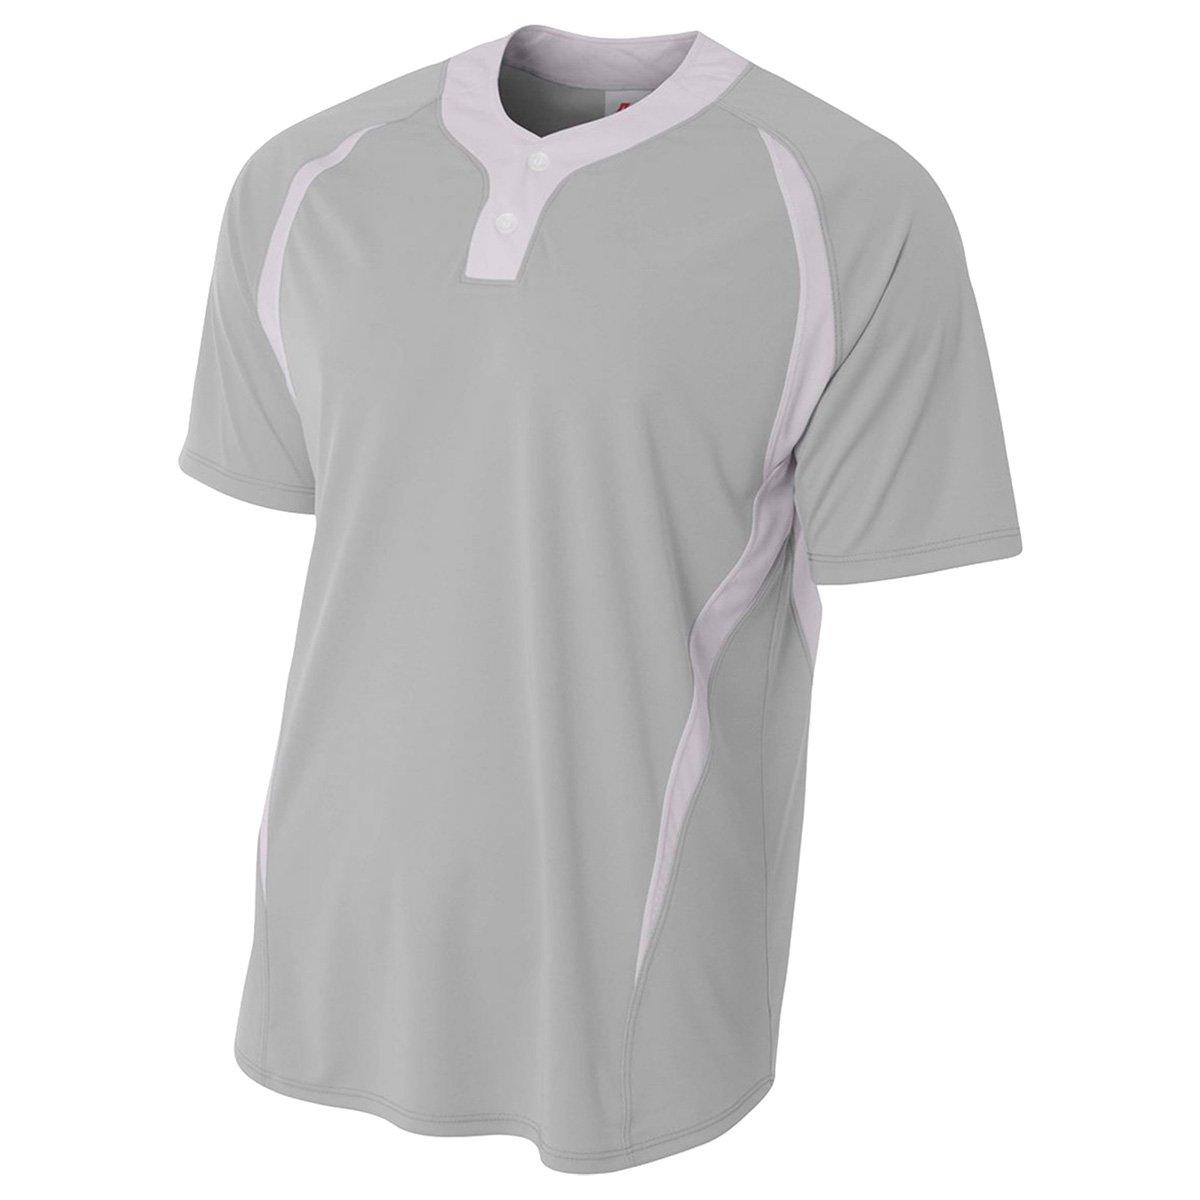 a4メンズ2つボタンカラーブロックBaseball Henleyシャツ B01HTM5M04 Small|シルバー/ホワイト シルバー/ホワイト Small